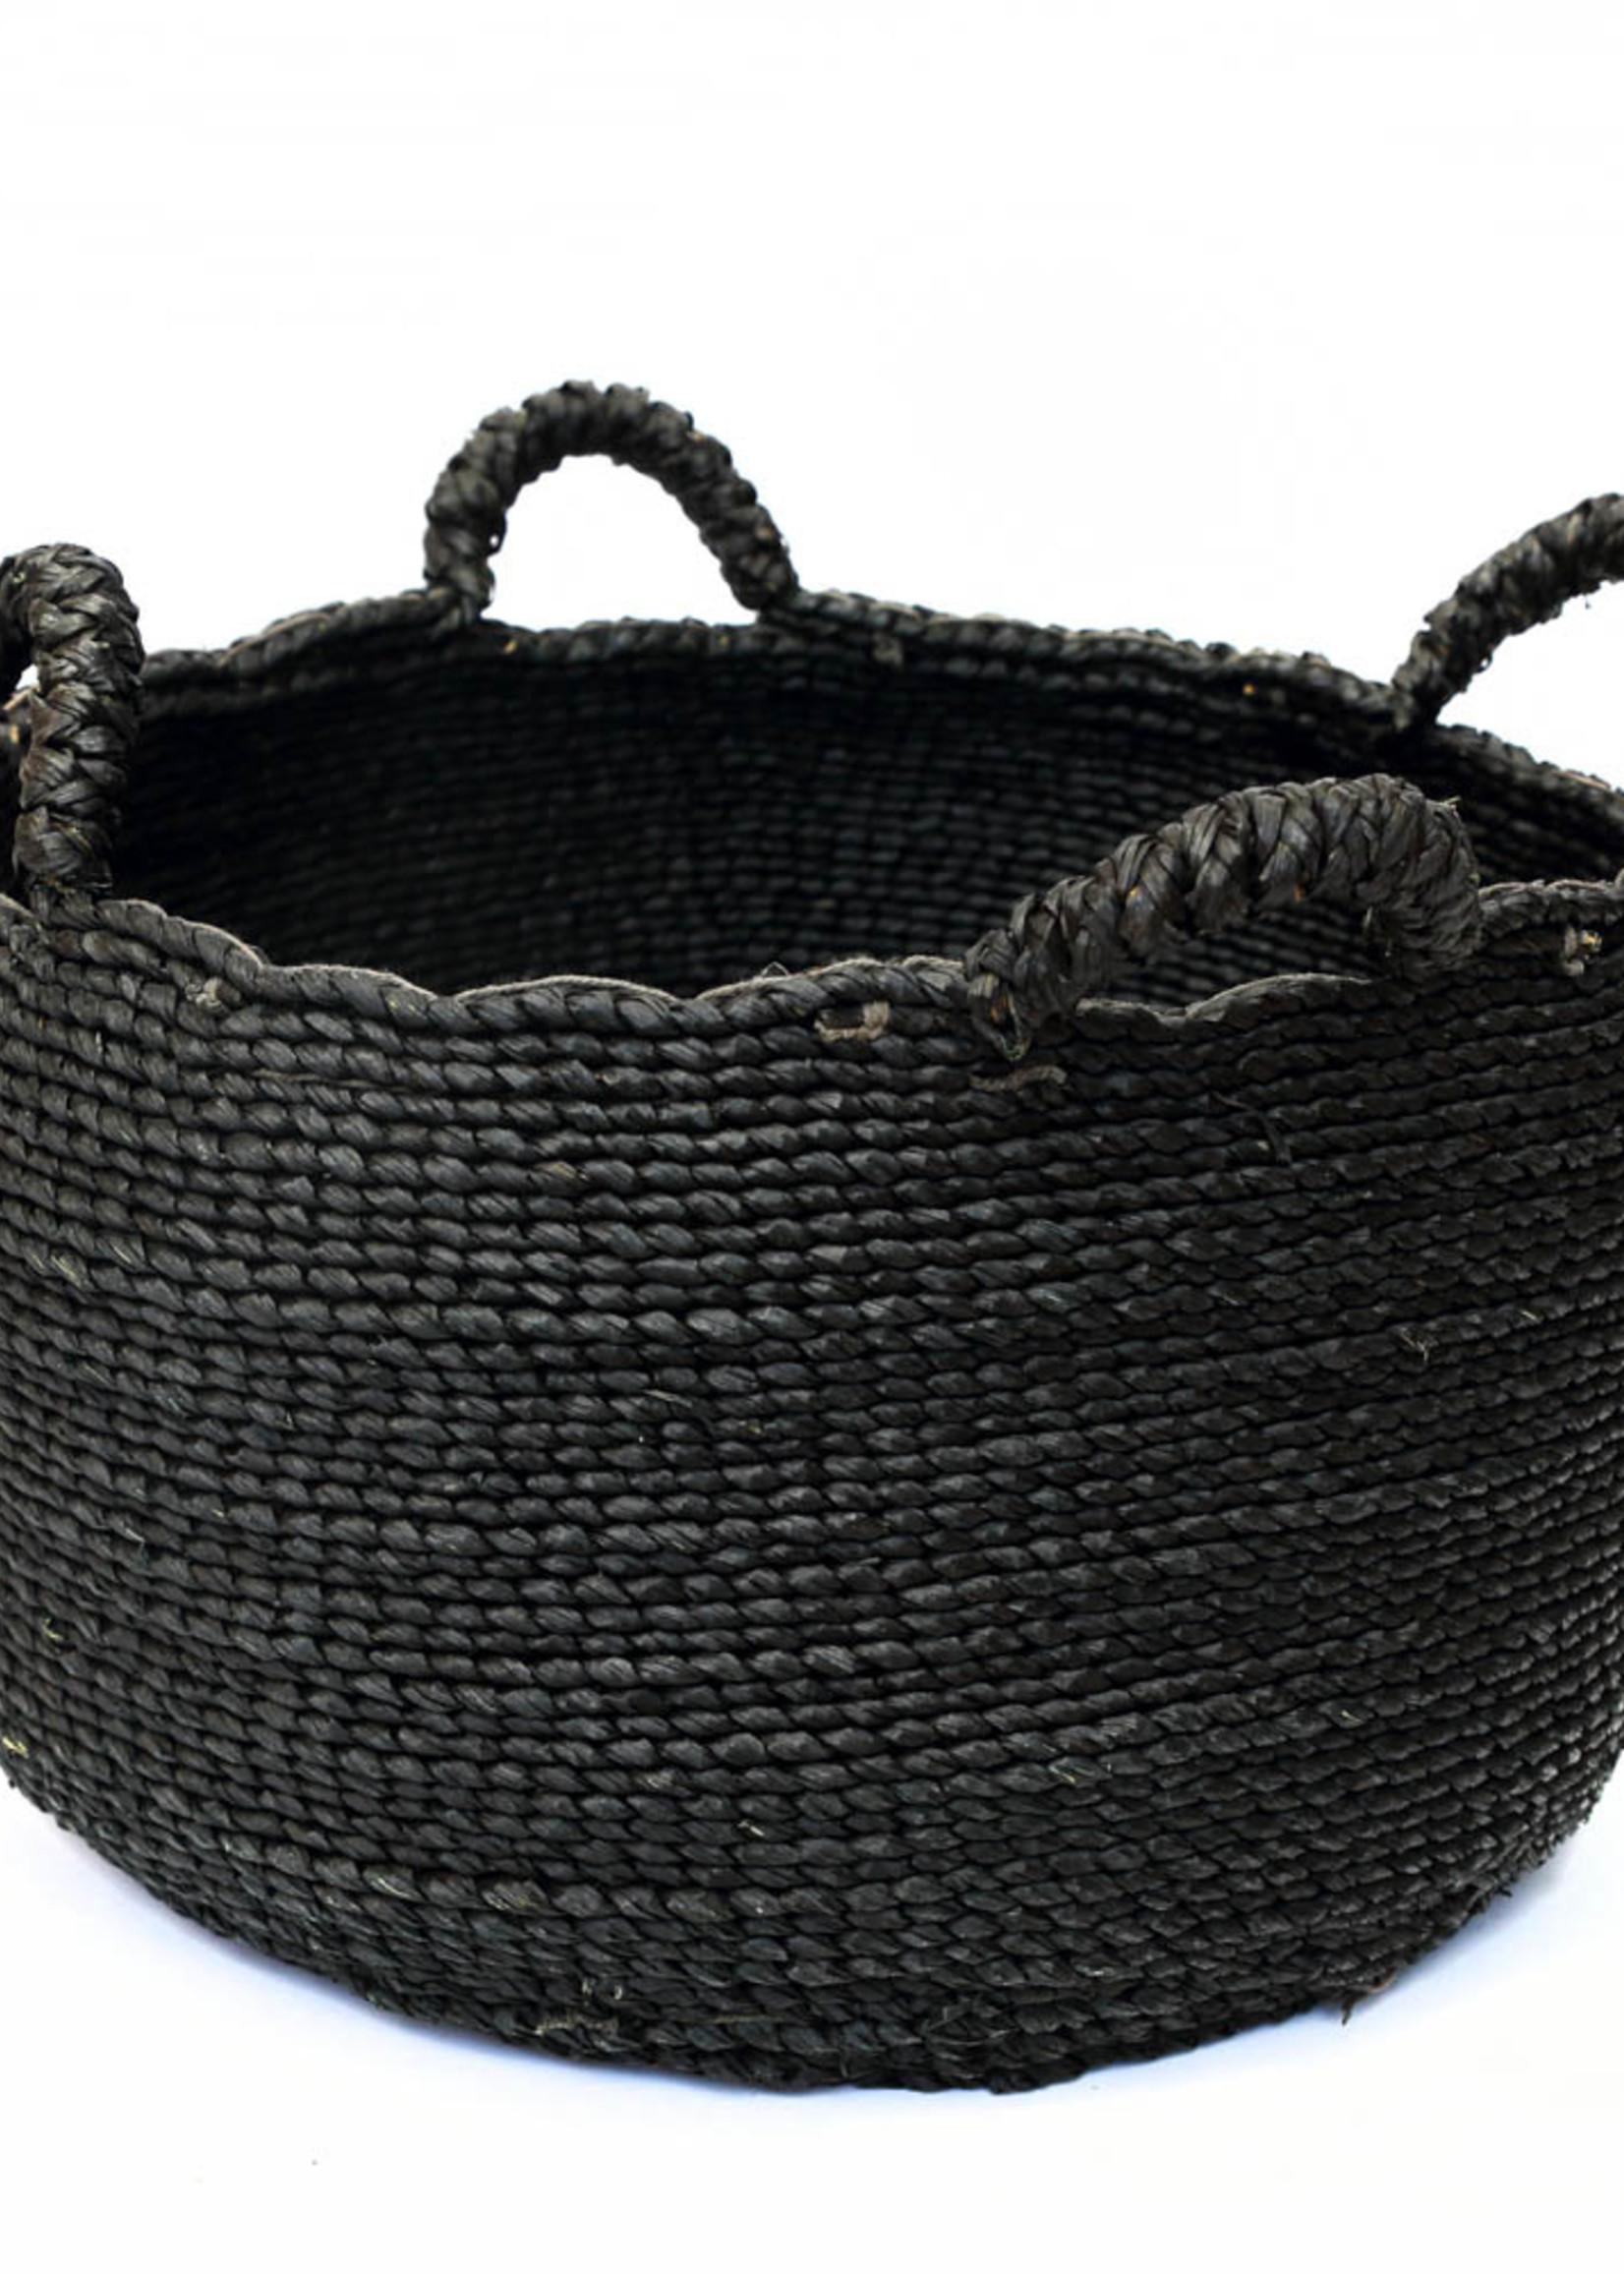 Les Quatre Mains Baskets - Black - L